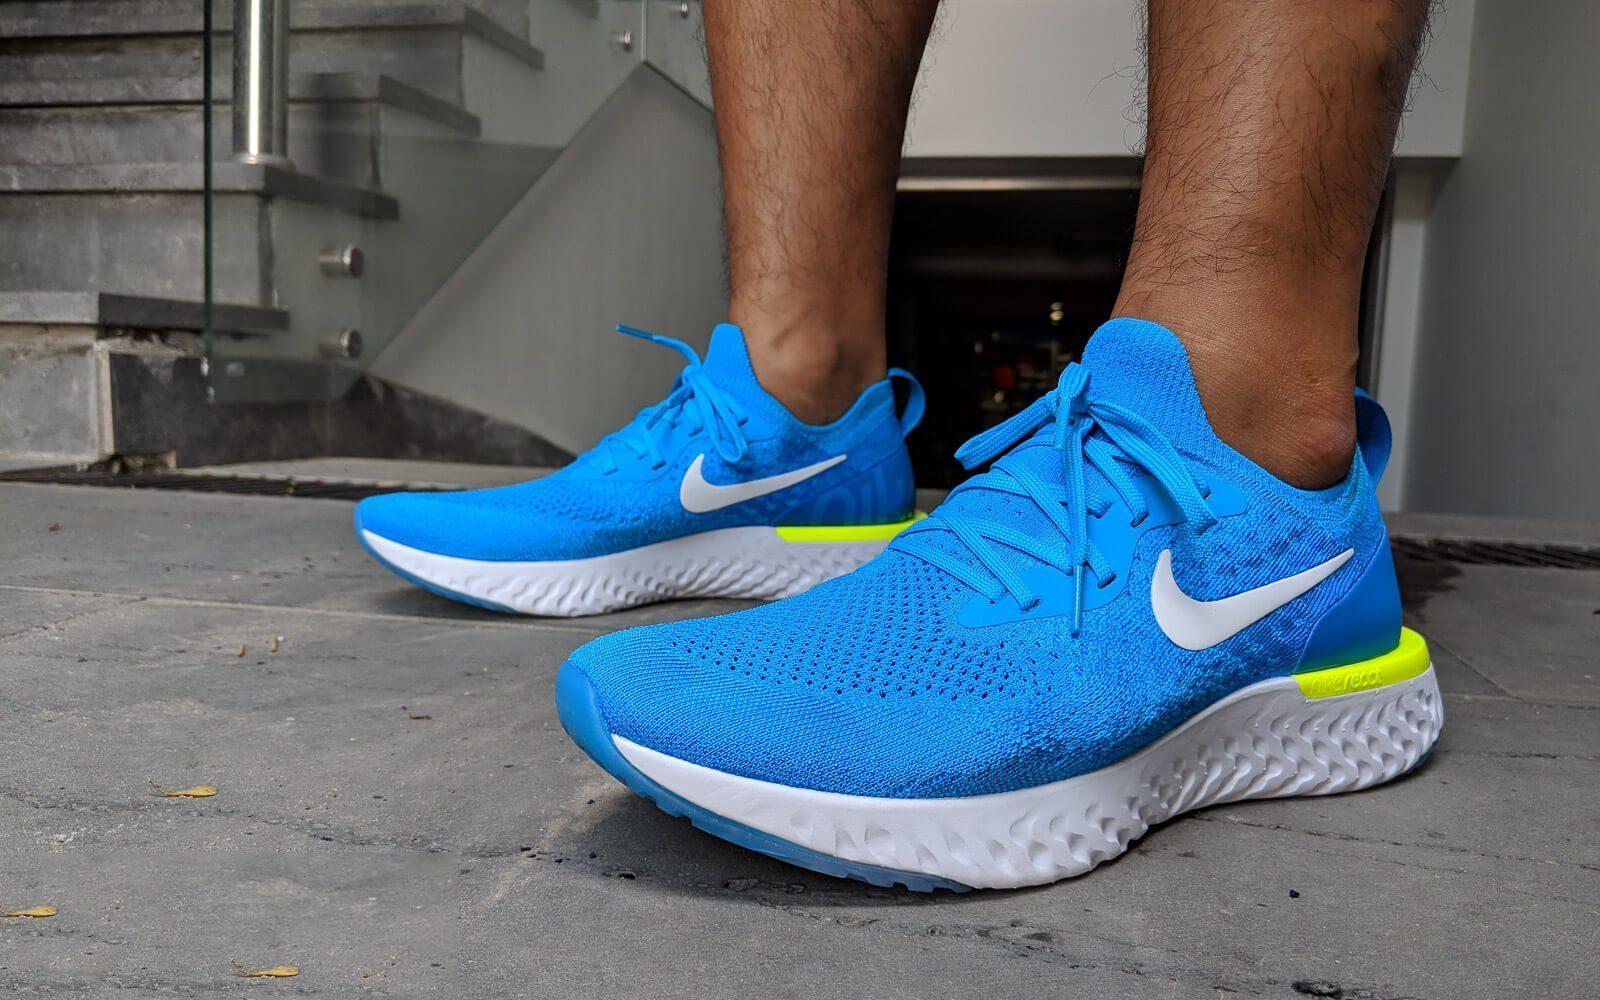 Giày Nike Epic React flyknit có chất vải thoáng khí